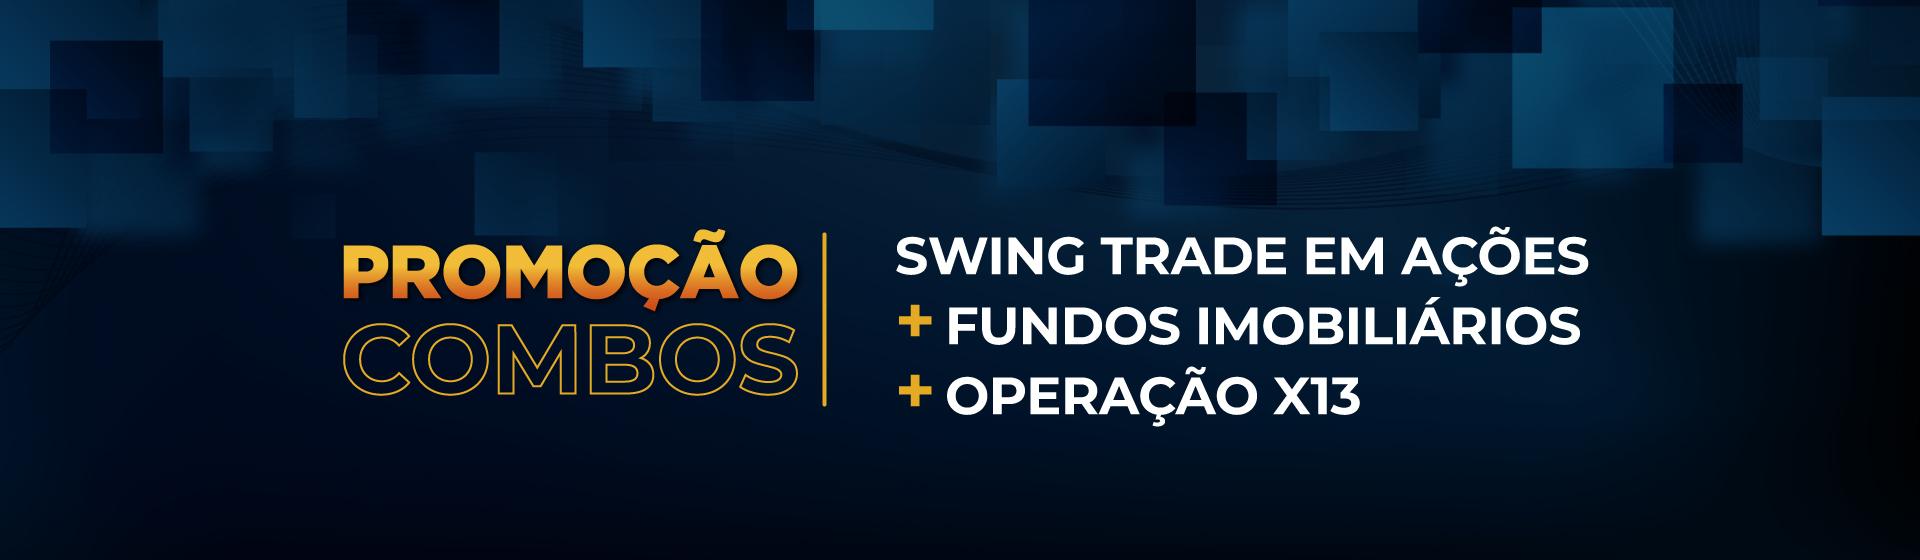 6 banner swing%2bfi%2bx13